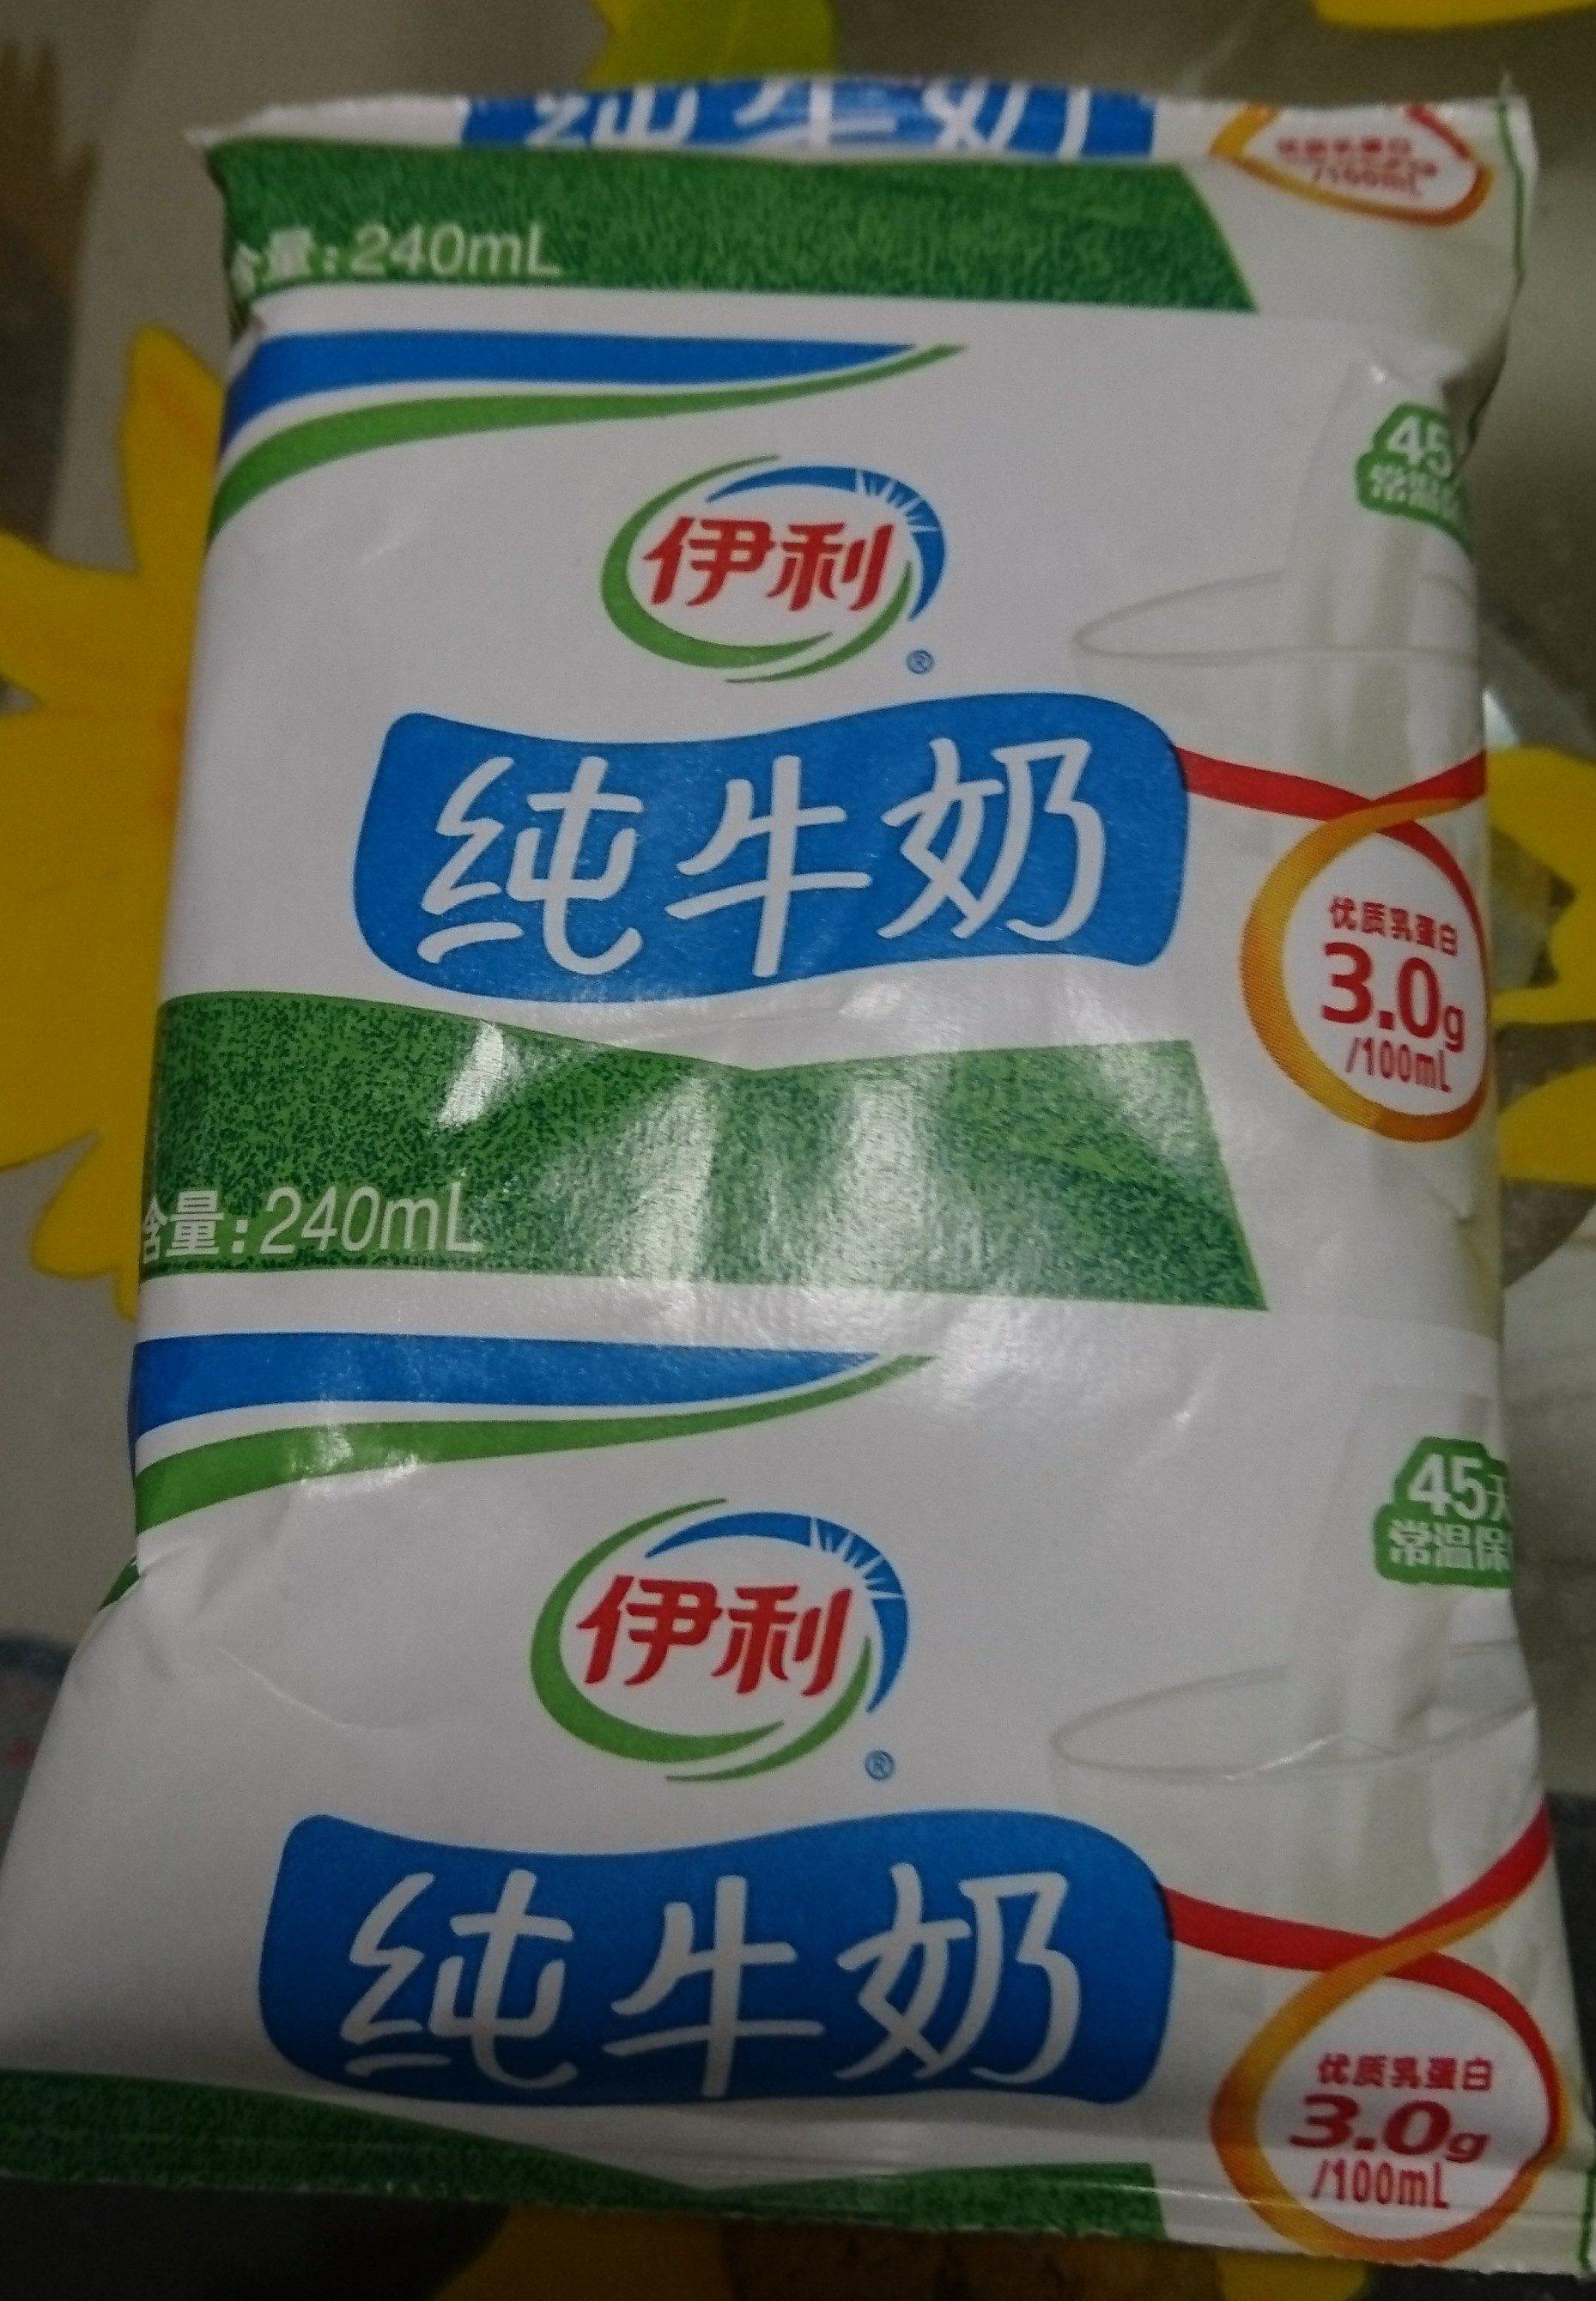 伊利纯牛奶 - 产品 - zh